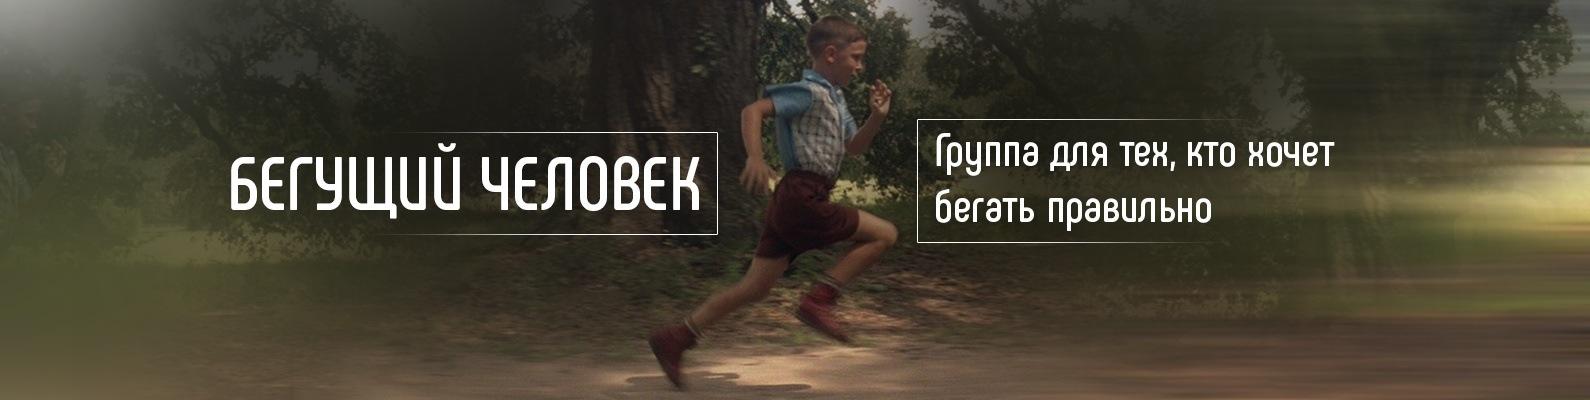 Бегущий человек   ВКонтакте 32ac4a0761e